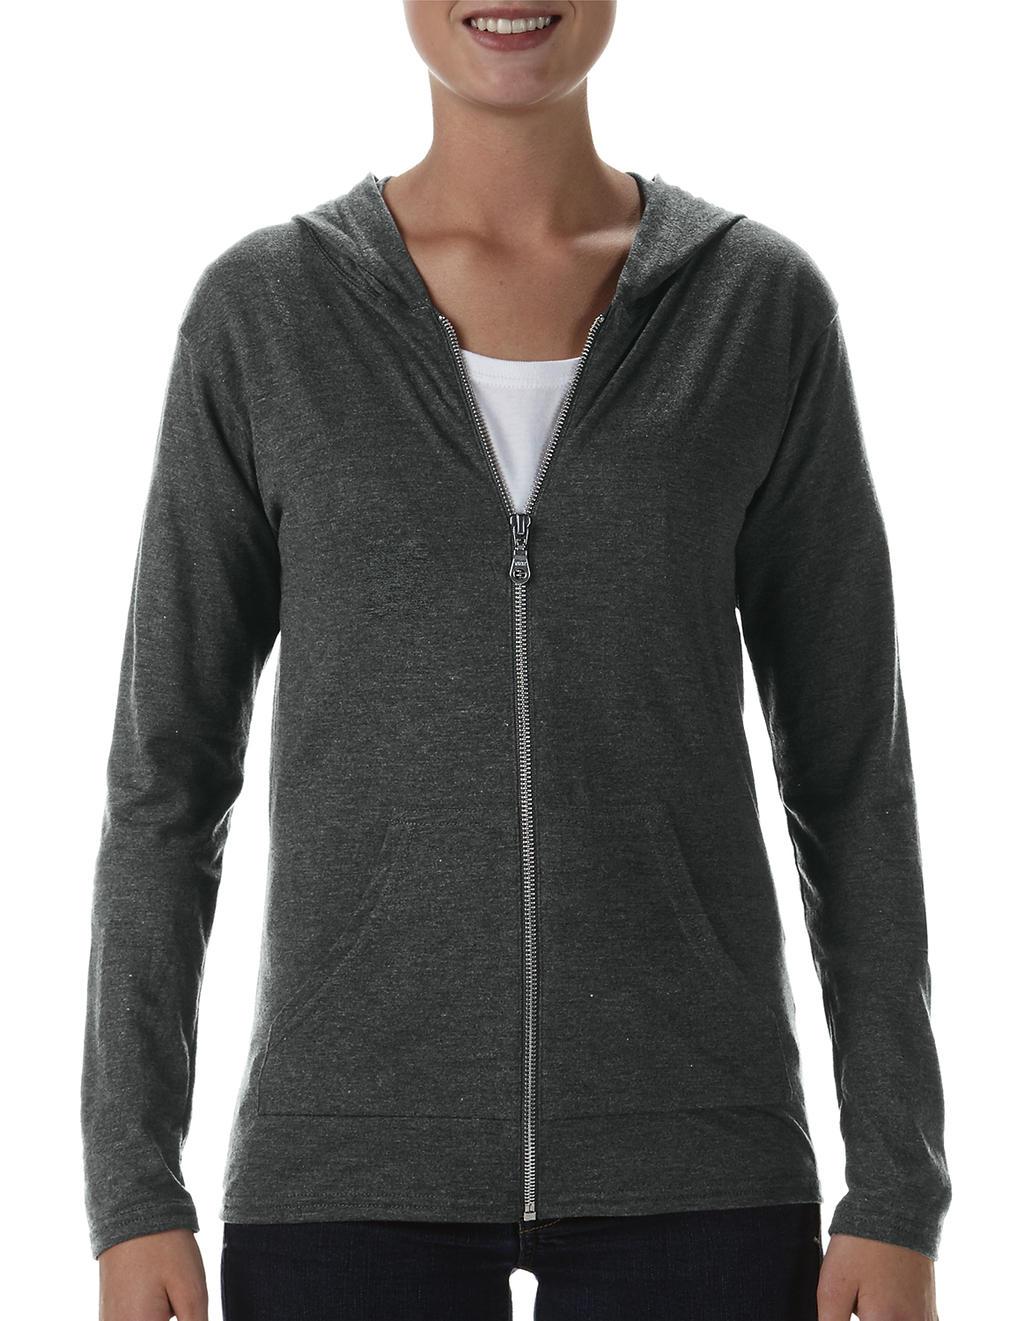 Anvil womens tri-blend full-zip hooded jacket dark grey